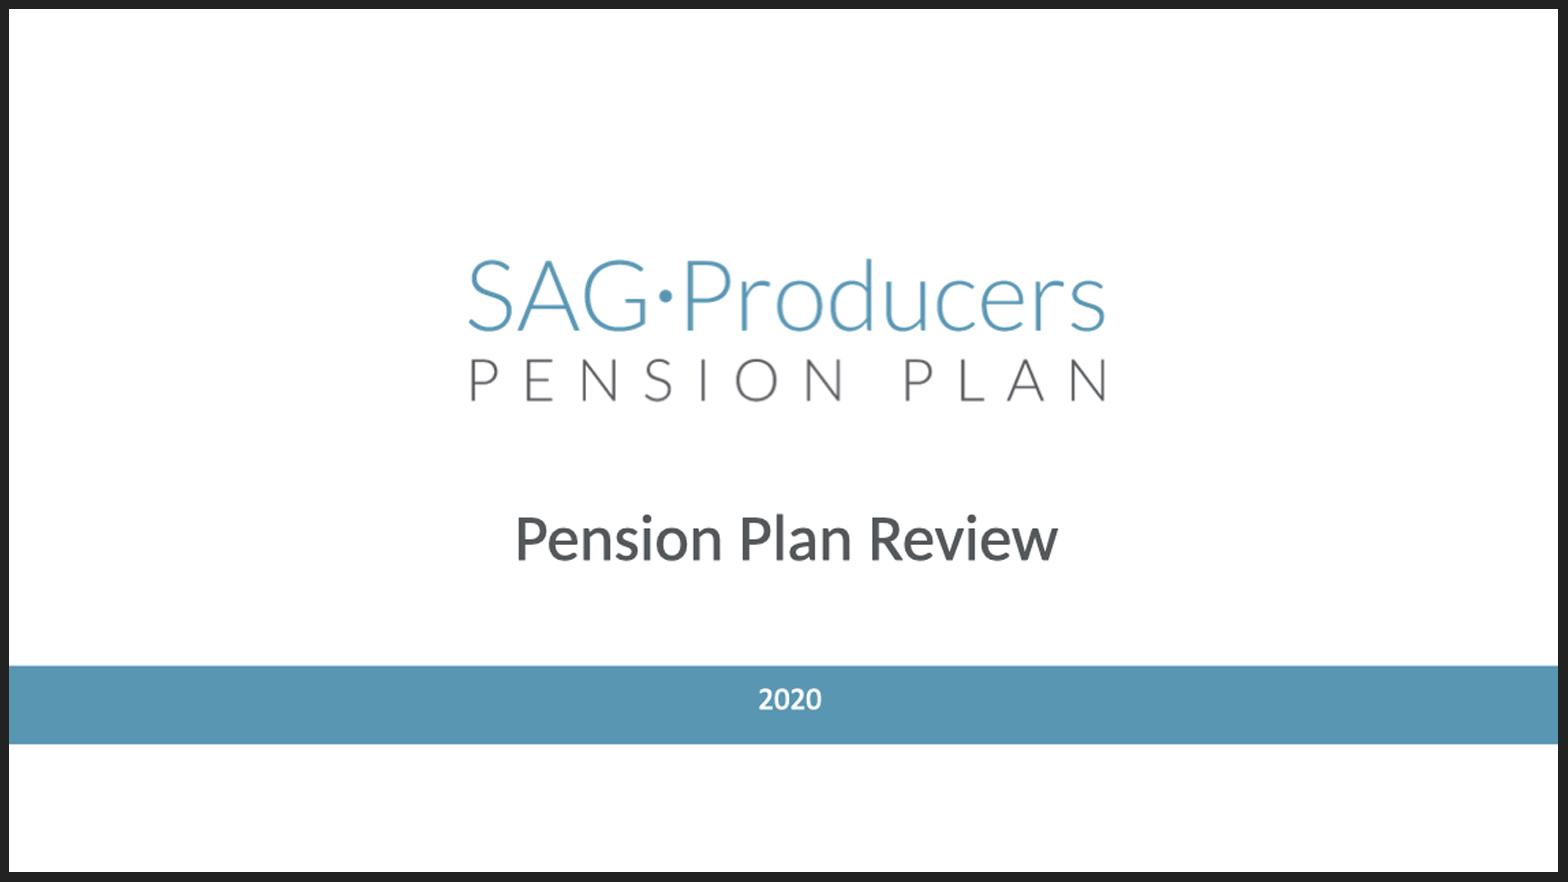 Video del plan de pensiones para productores de SAG